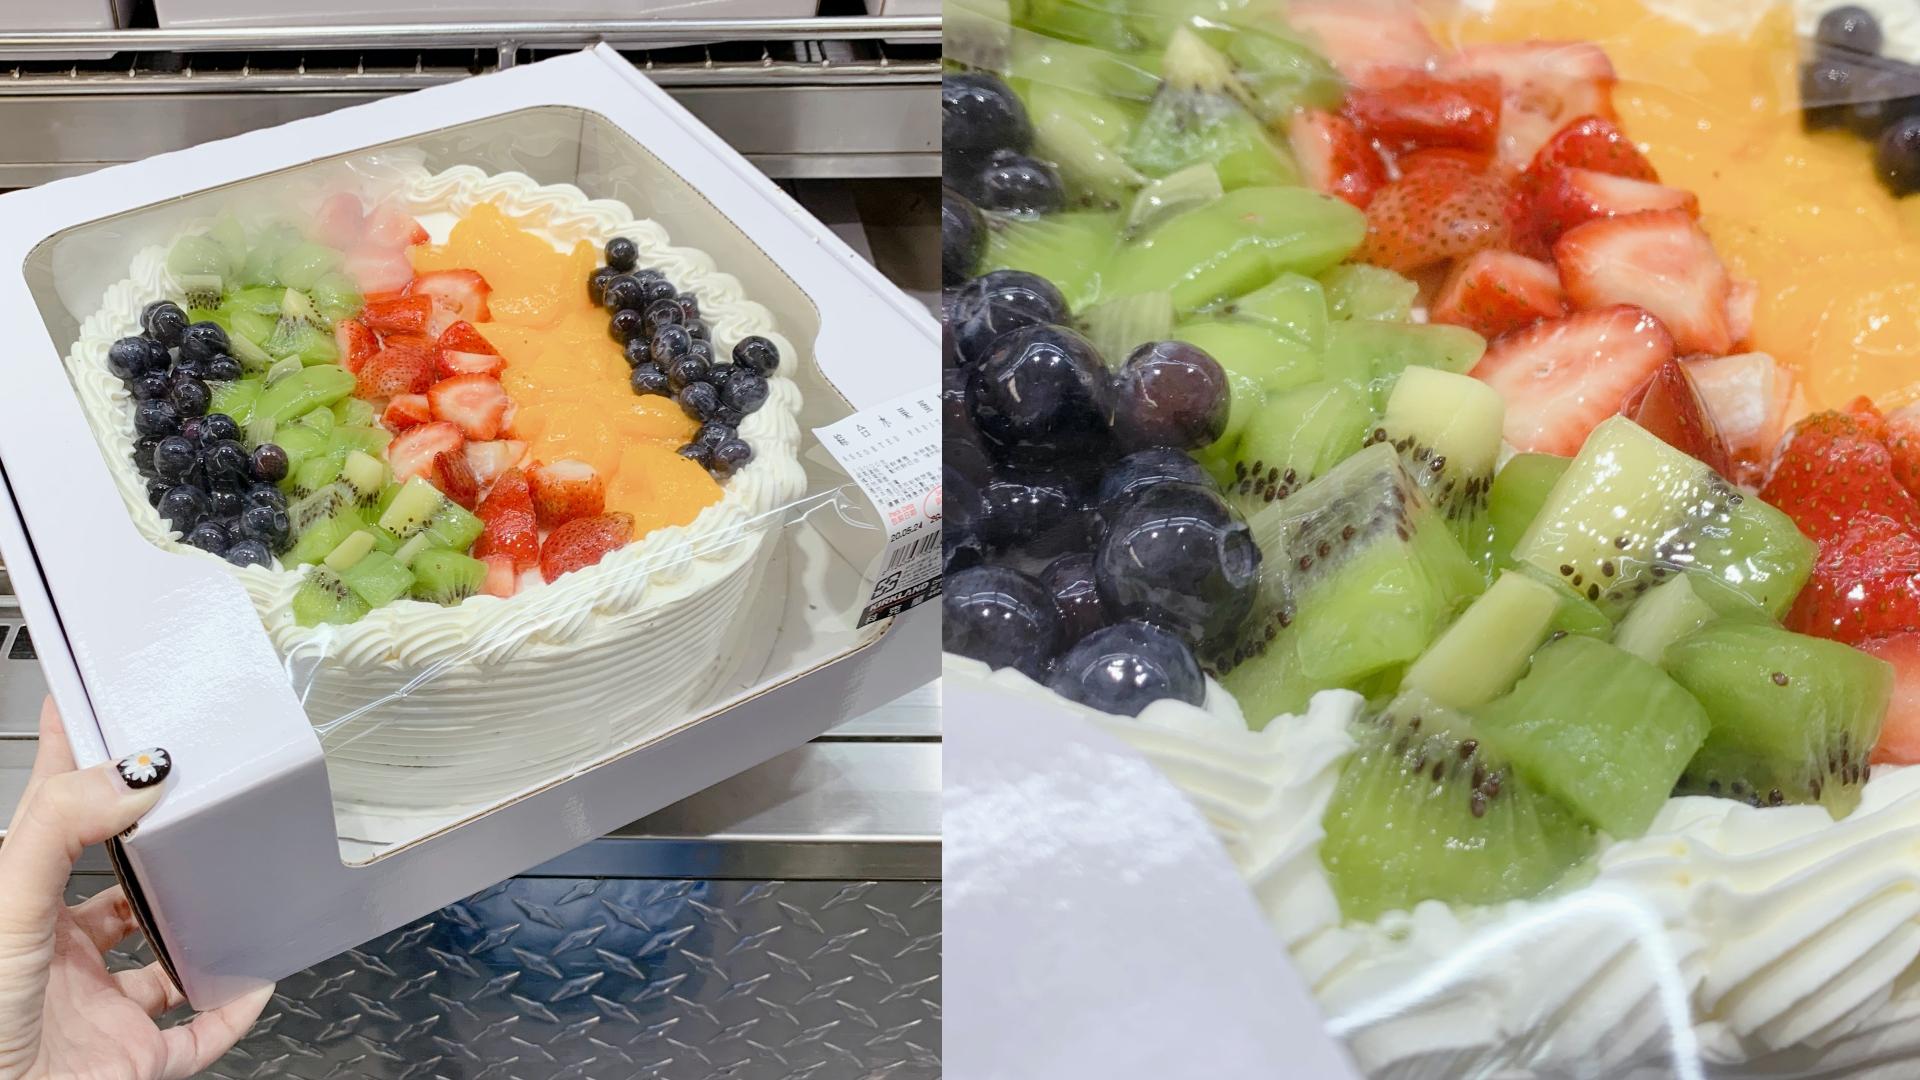 近期這款綜合水果蛋糕以幾乎零負評的聲量創造出爆量銷售,除了價格只要NT.499之外,上面還放滿各種水果,奶油、卡士達、蛋糕本體都在水準之上